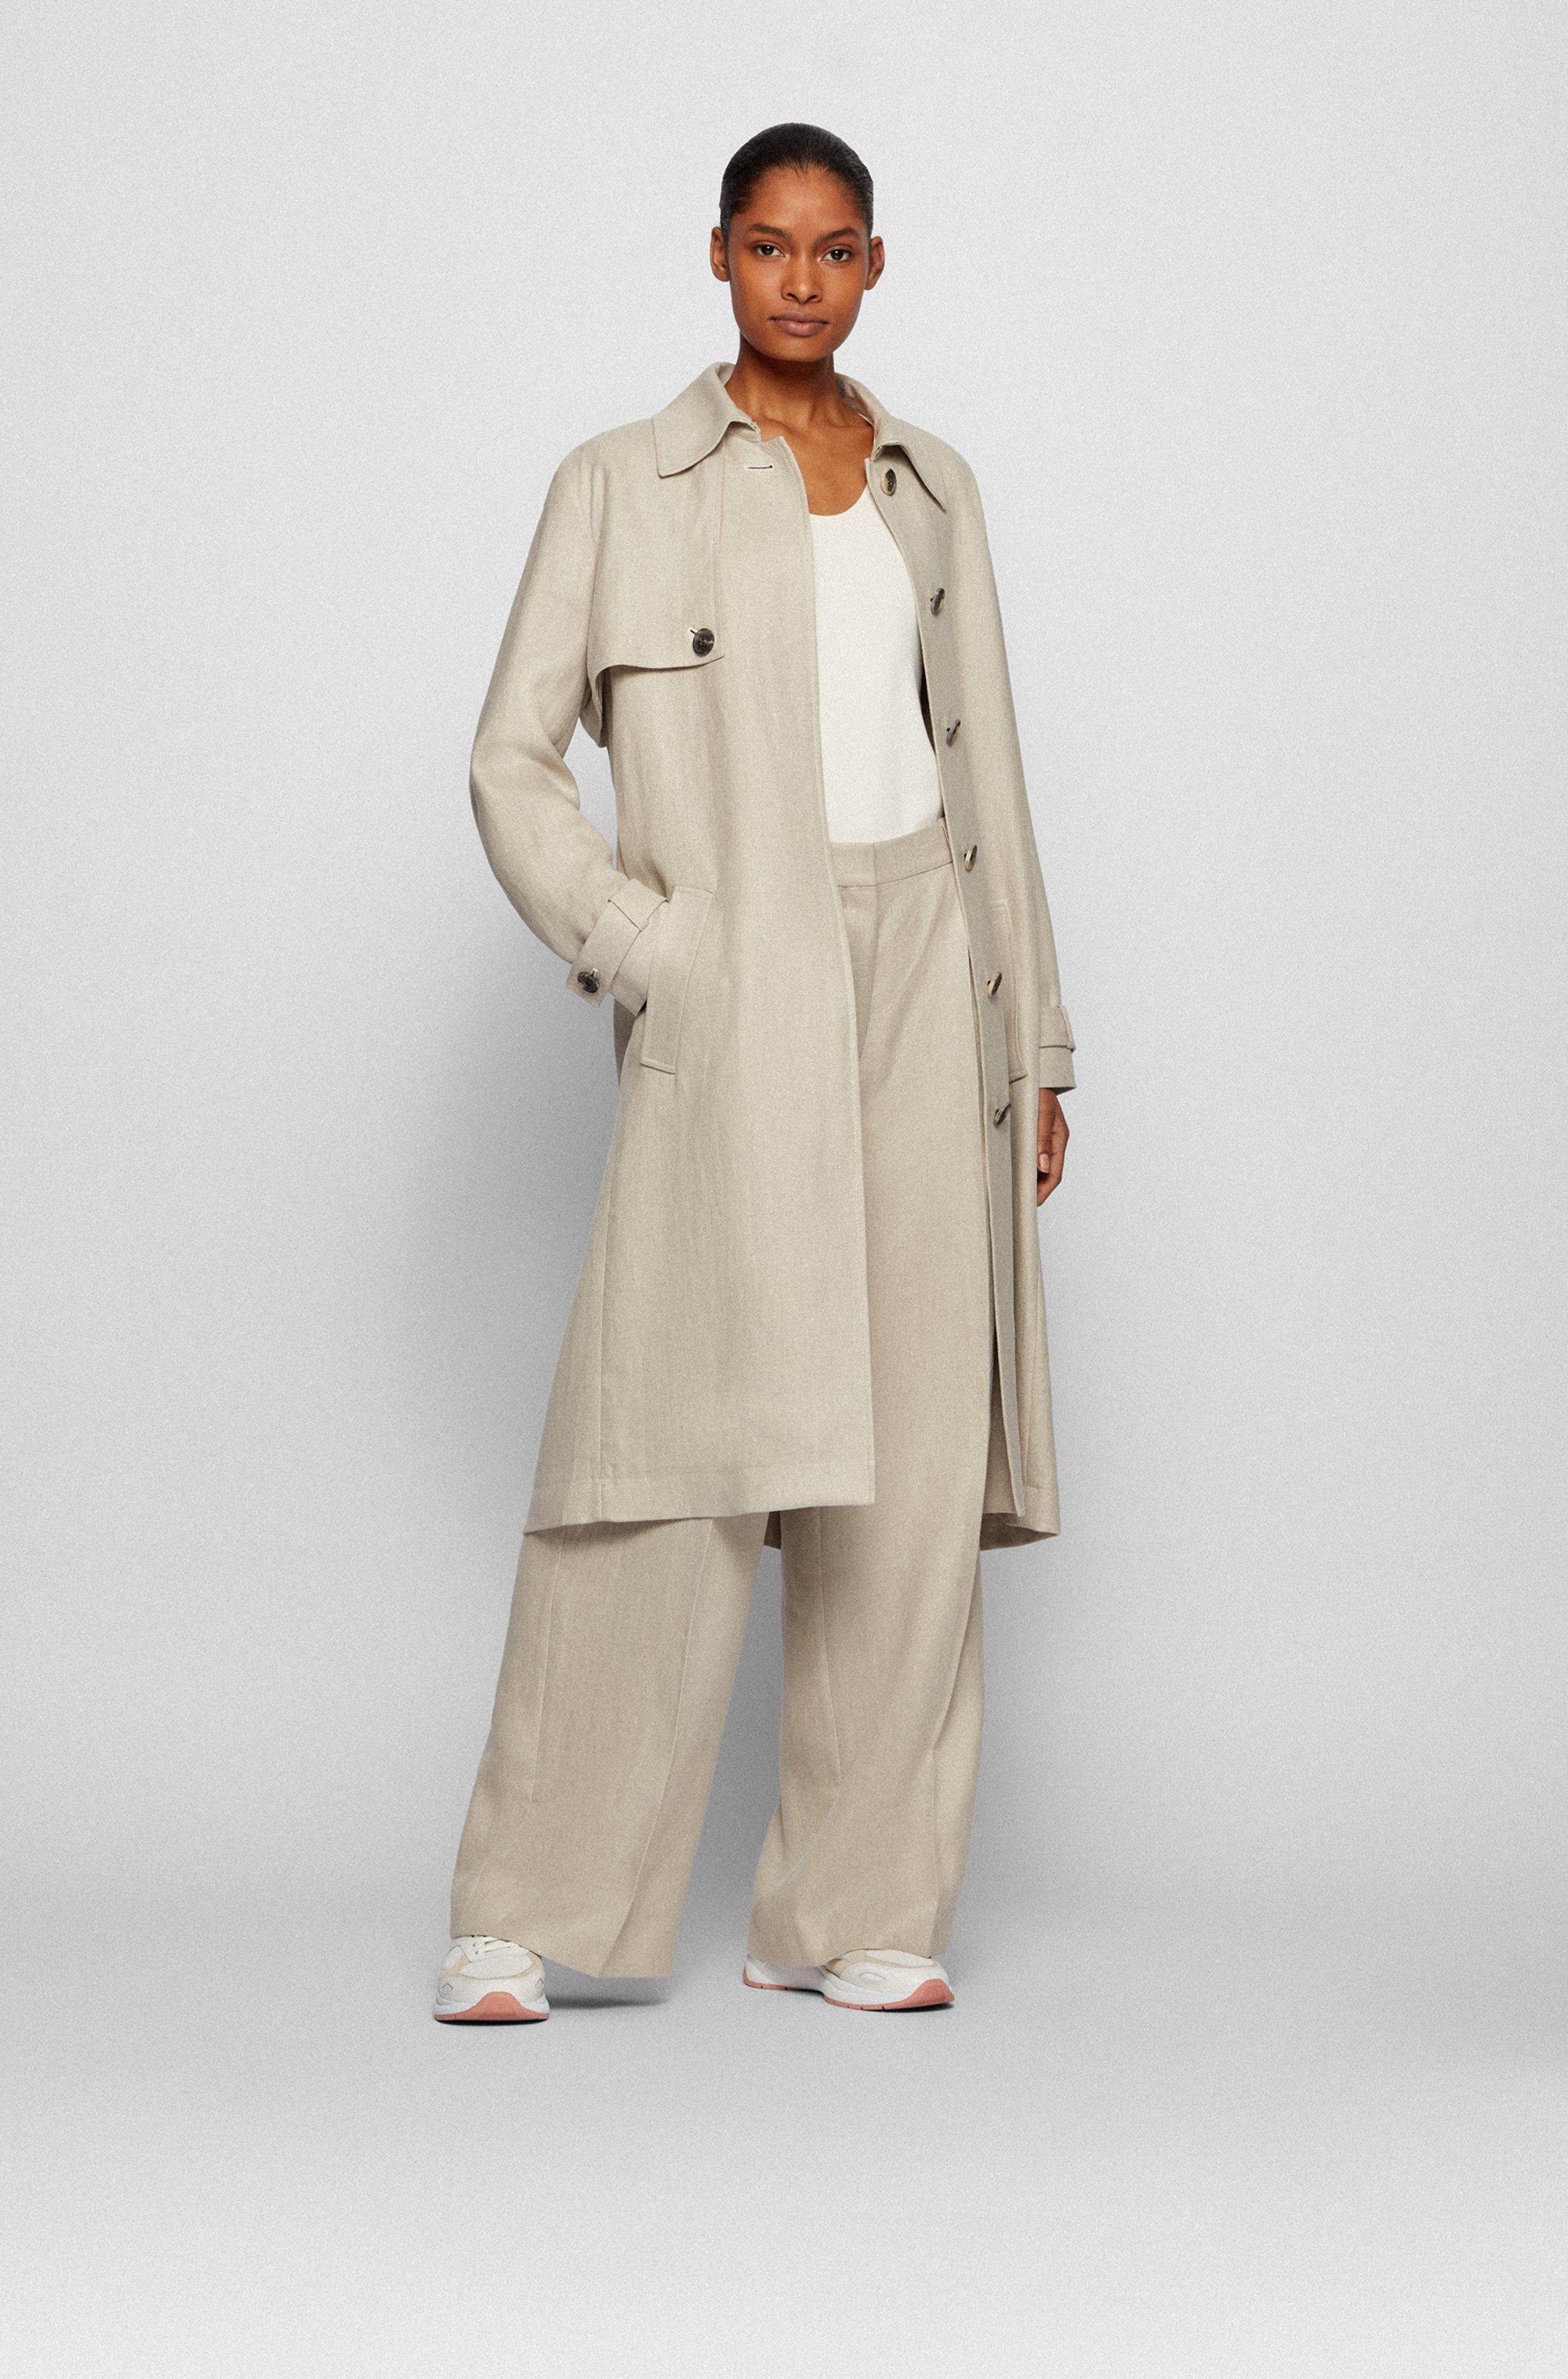 Regular-fit trench coat in natural hemp